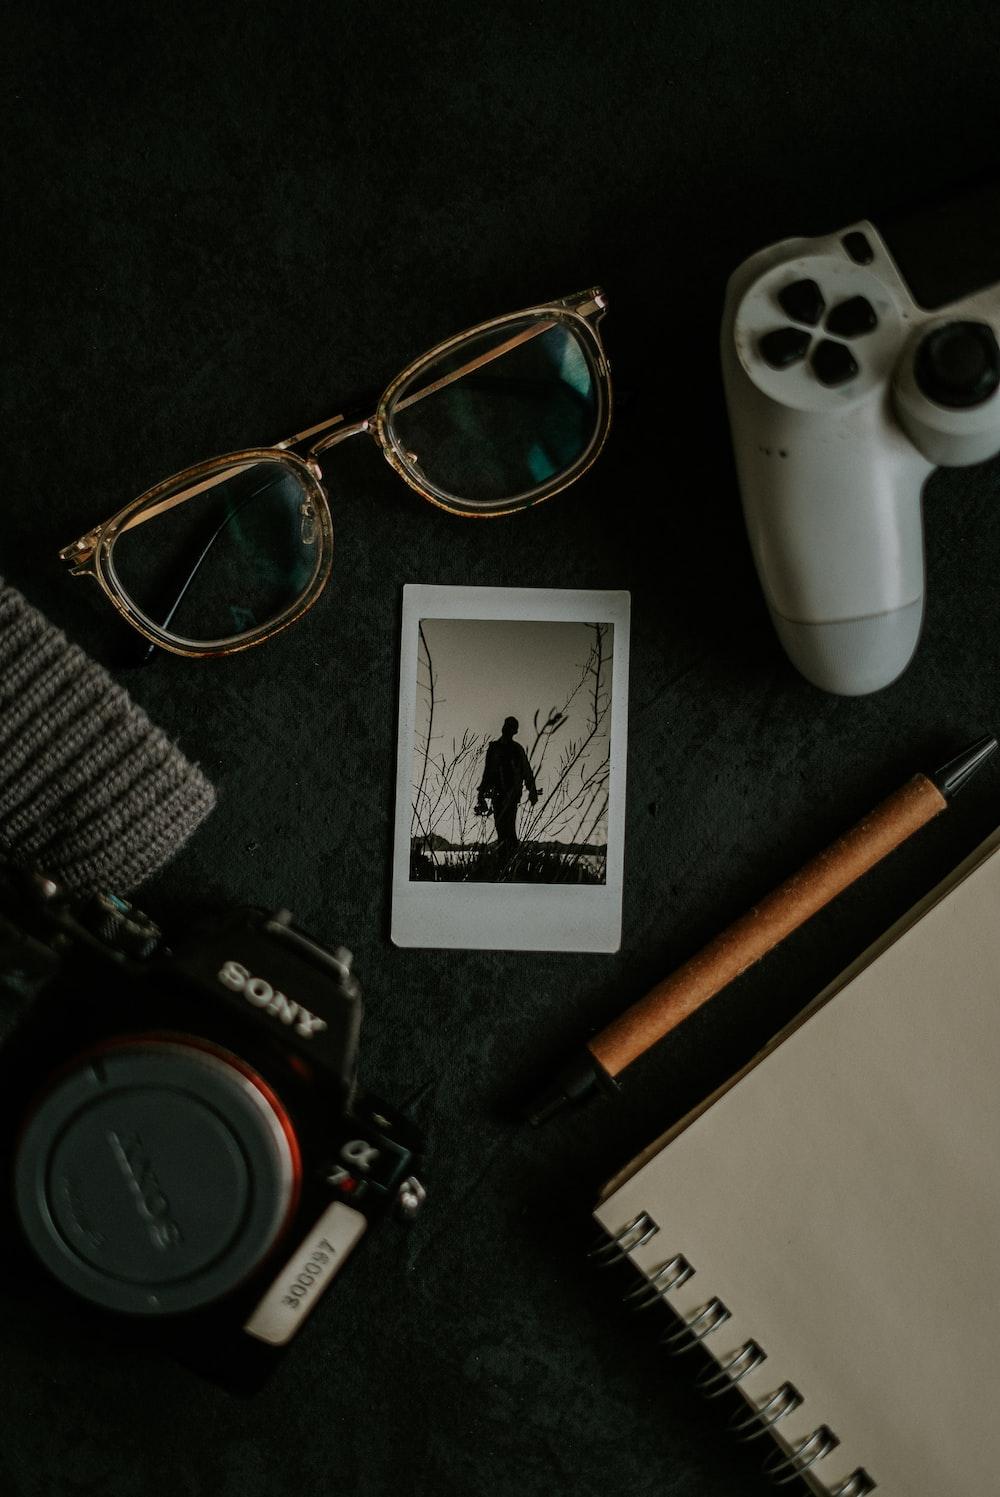 black and white sony dslr camera beside brown and black framed eyeglasses